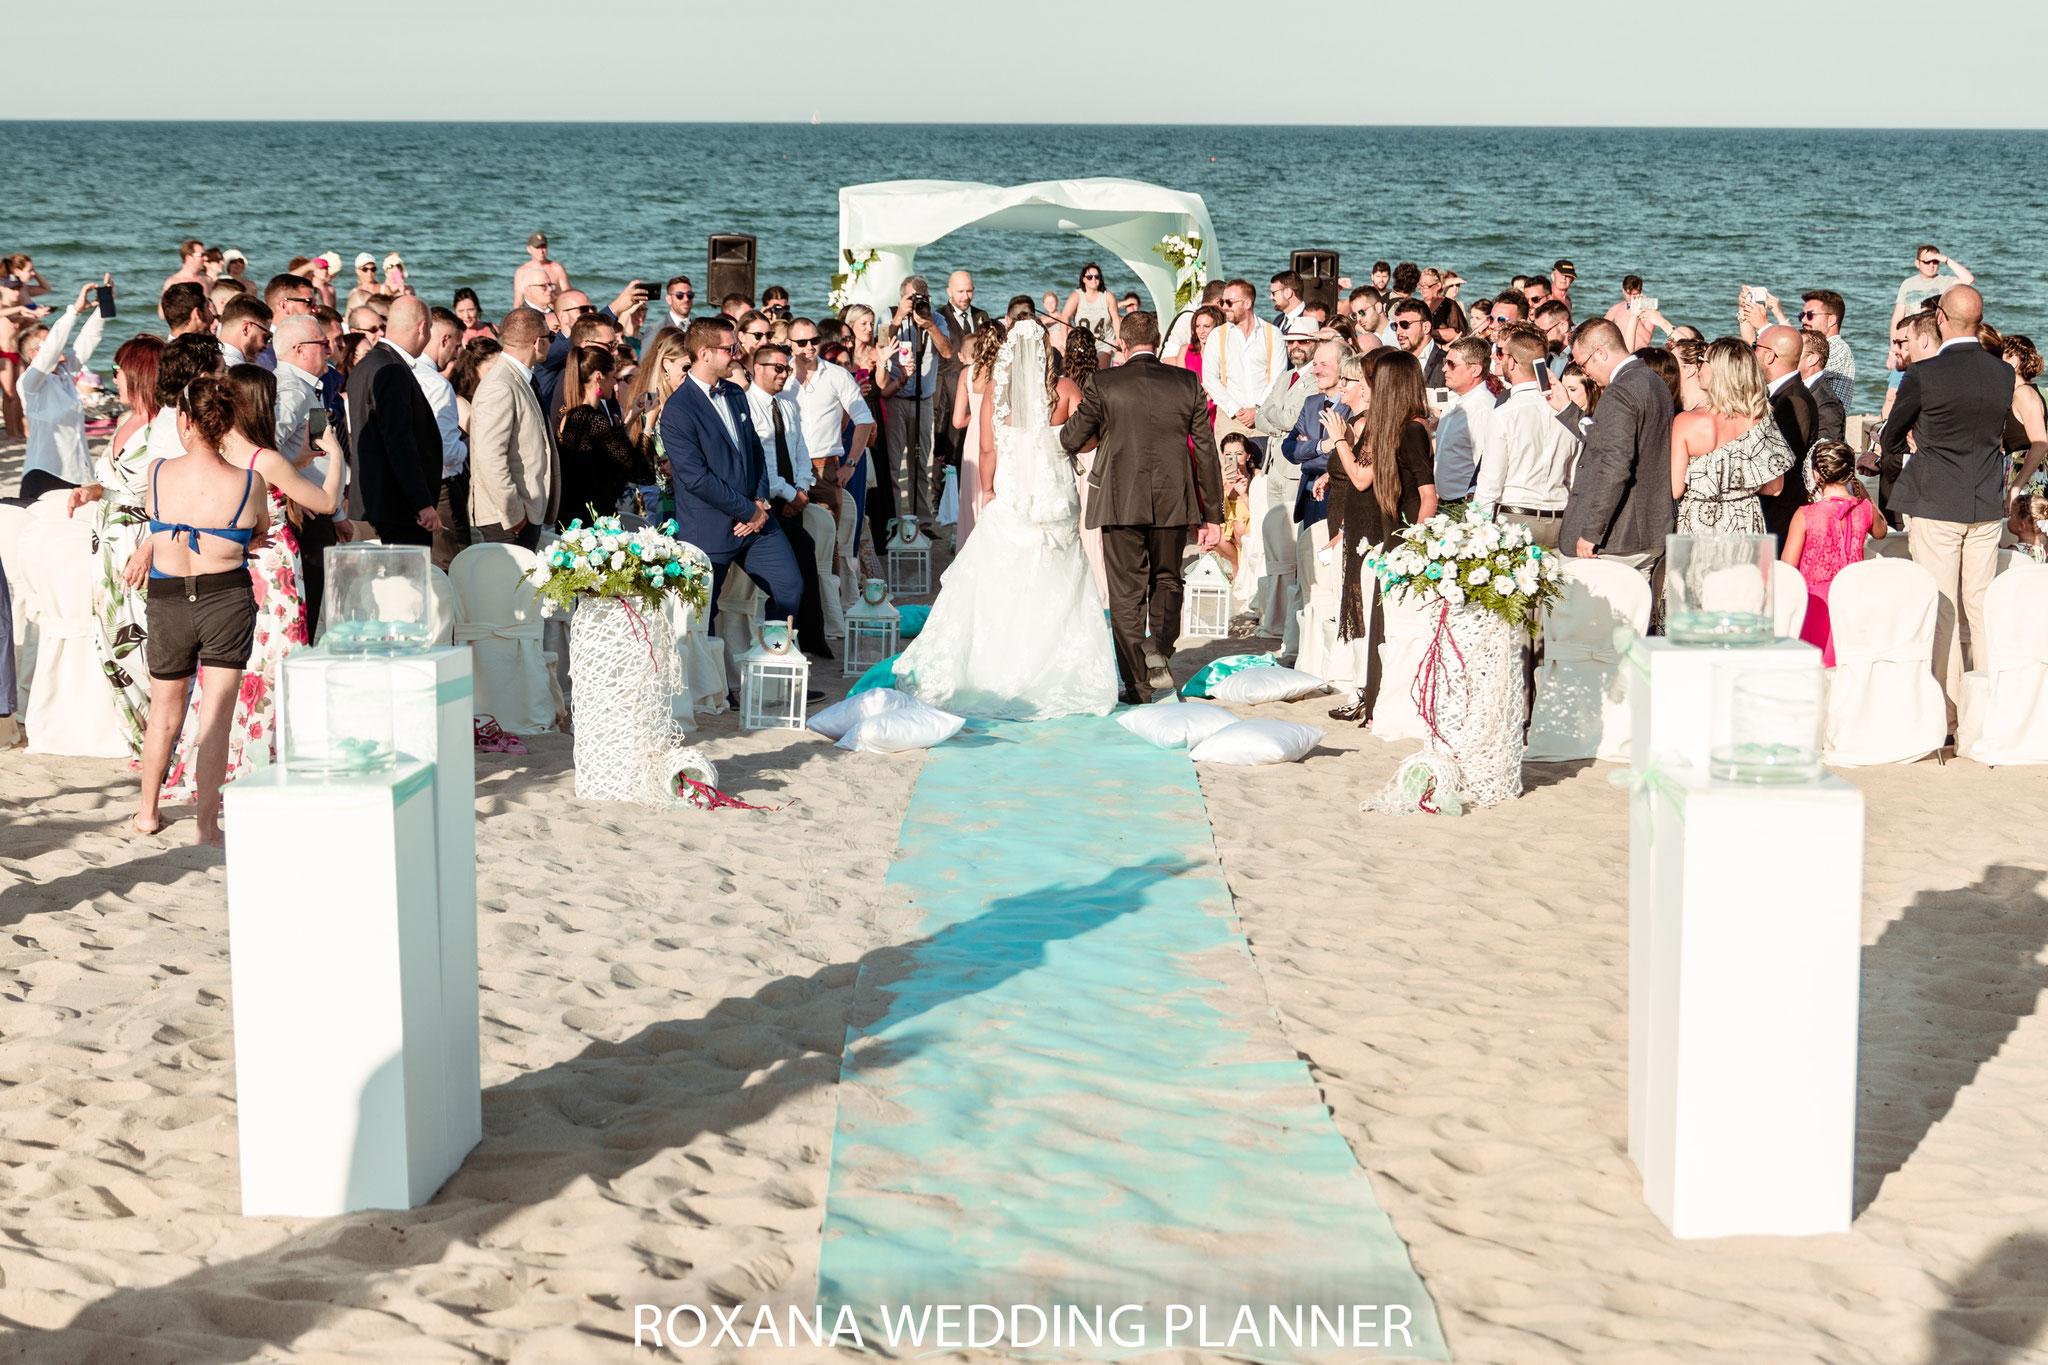 décoration-florale-mariage-sur-la-plage-france